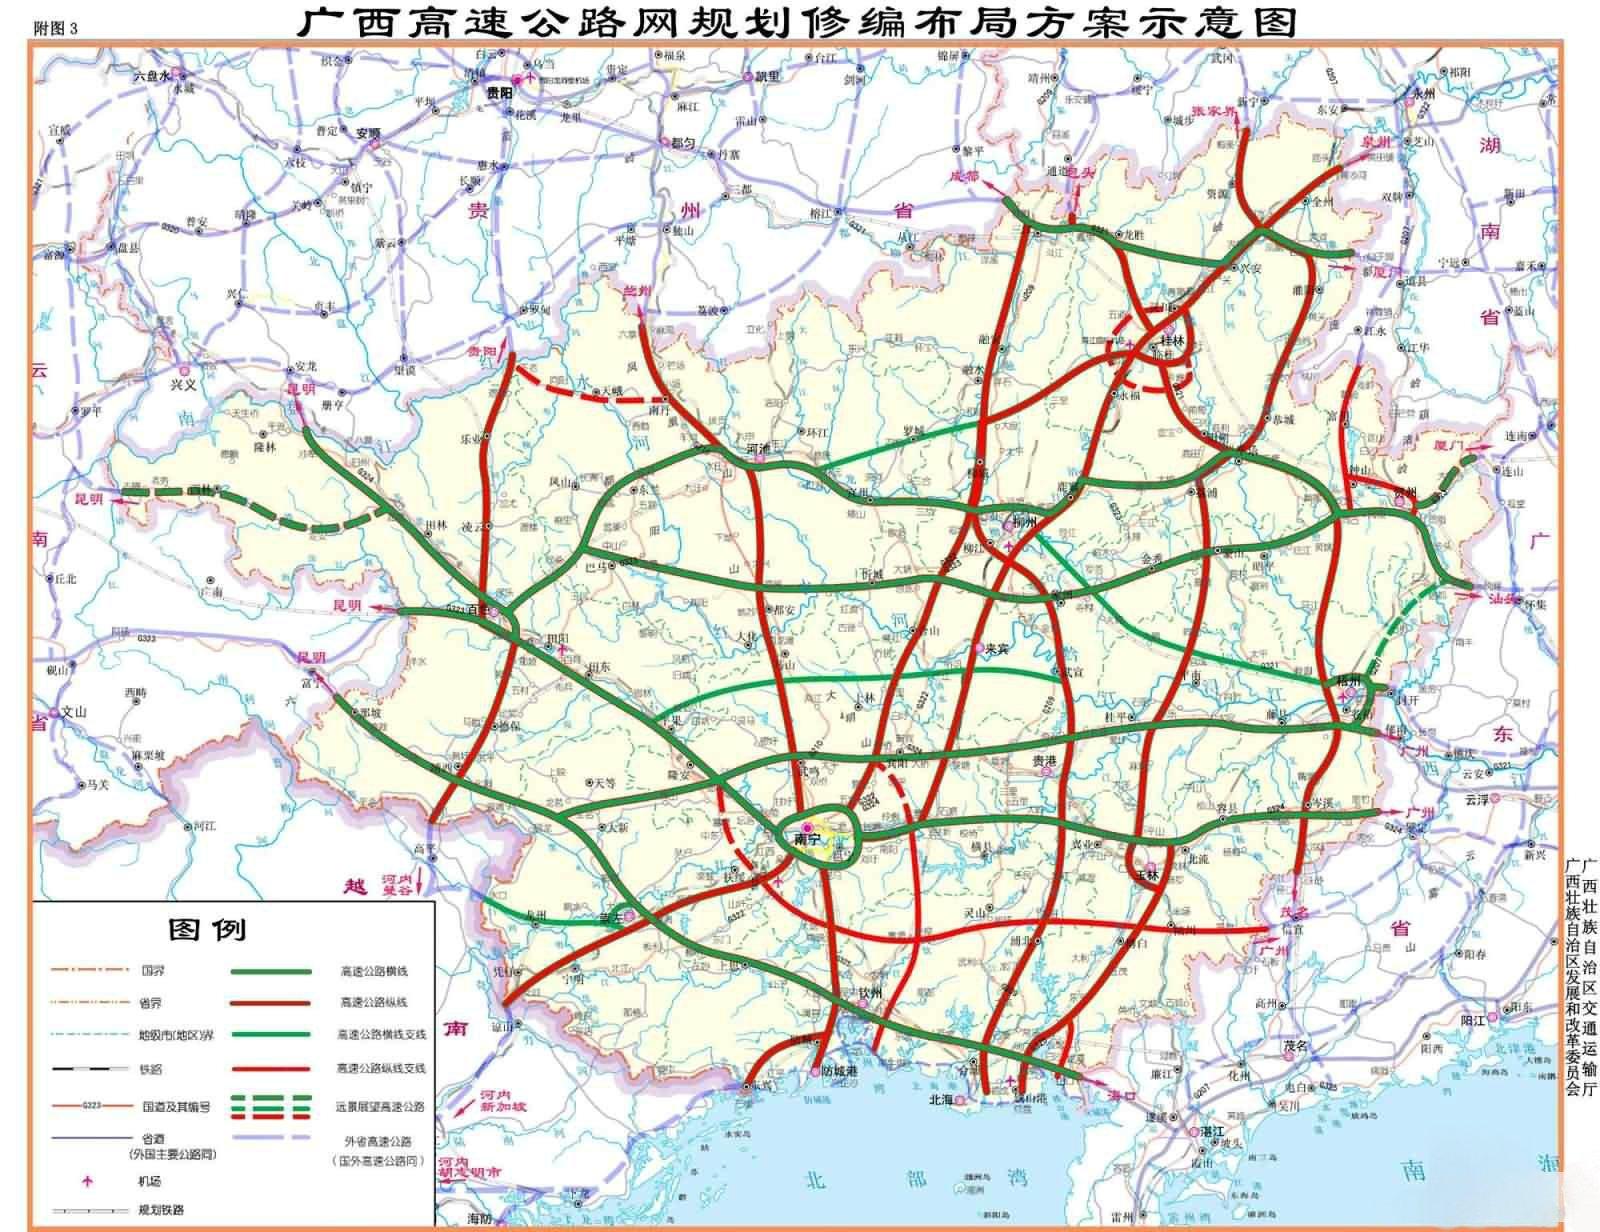 柳州三江2020规划图